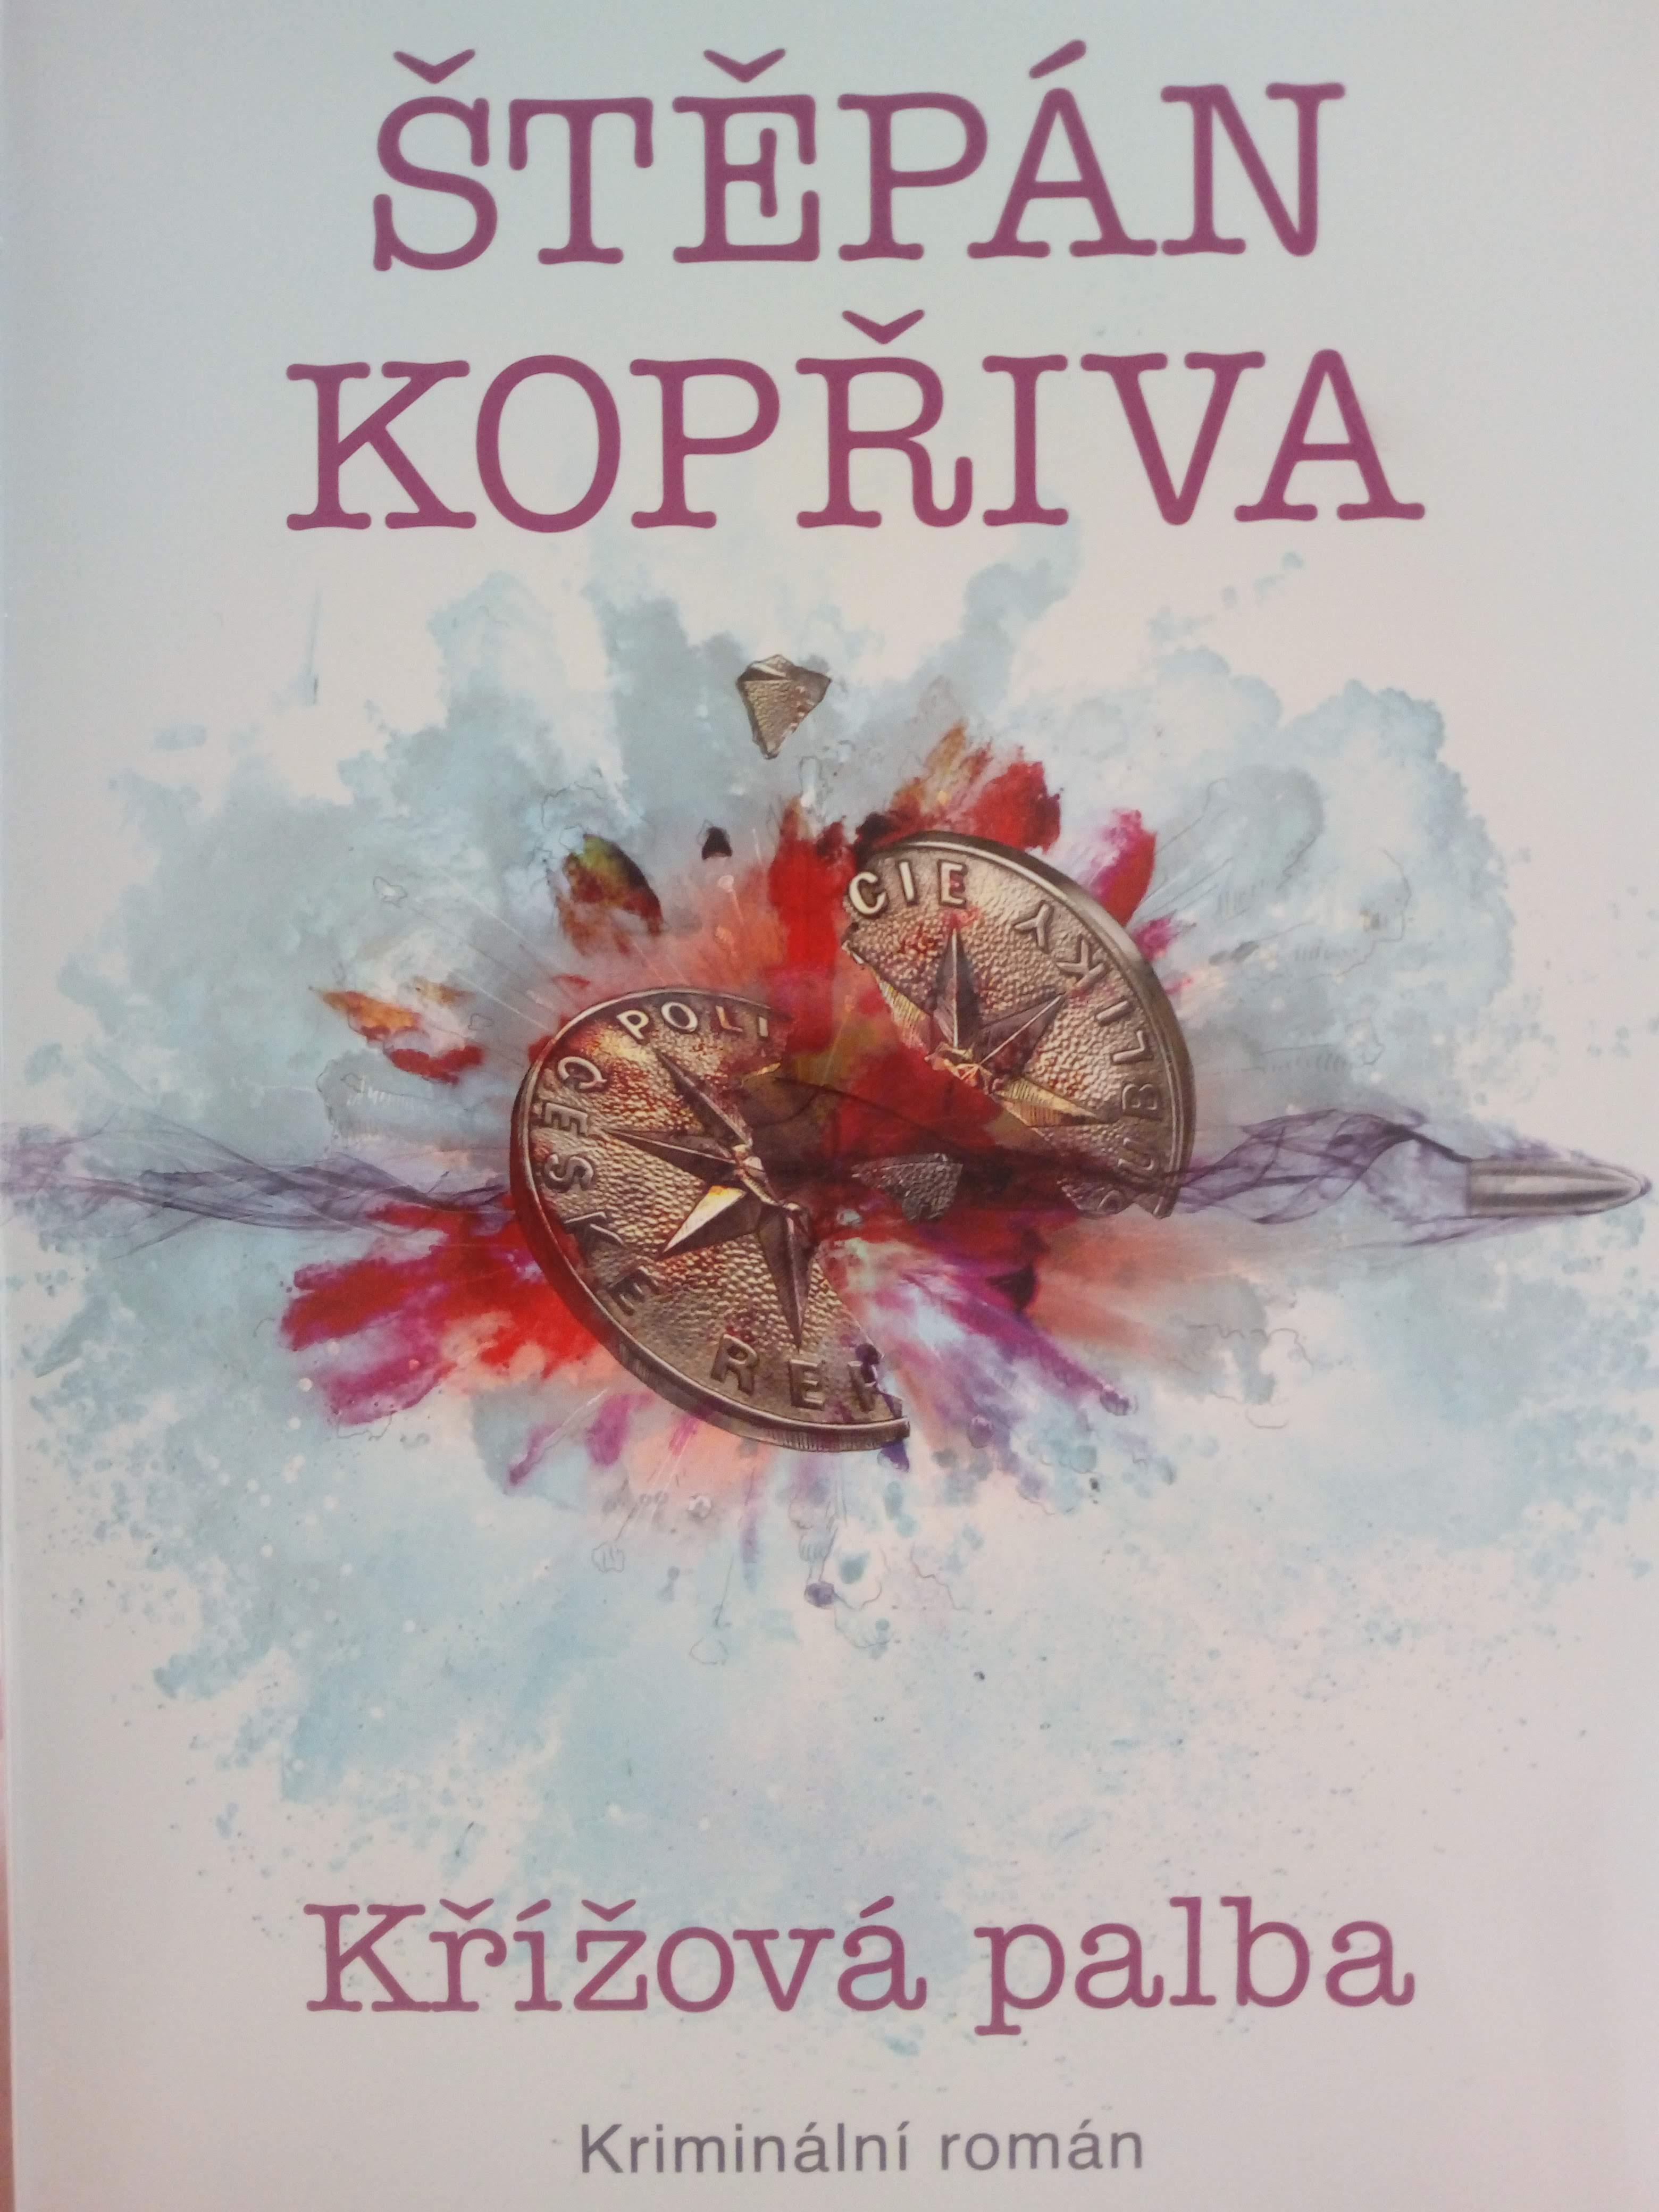 Recenze: Křížová palba – Štěpán Kopřiva